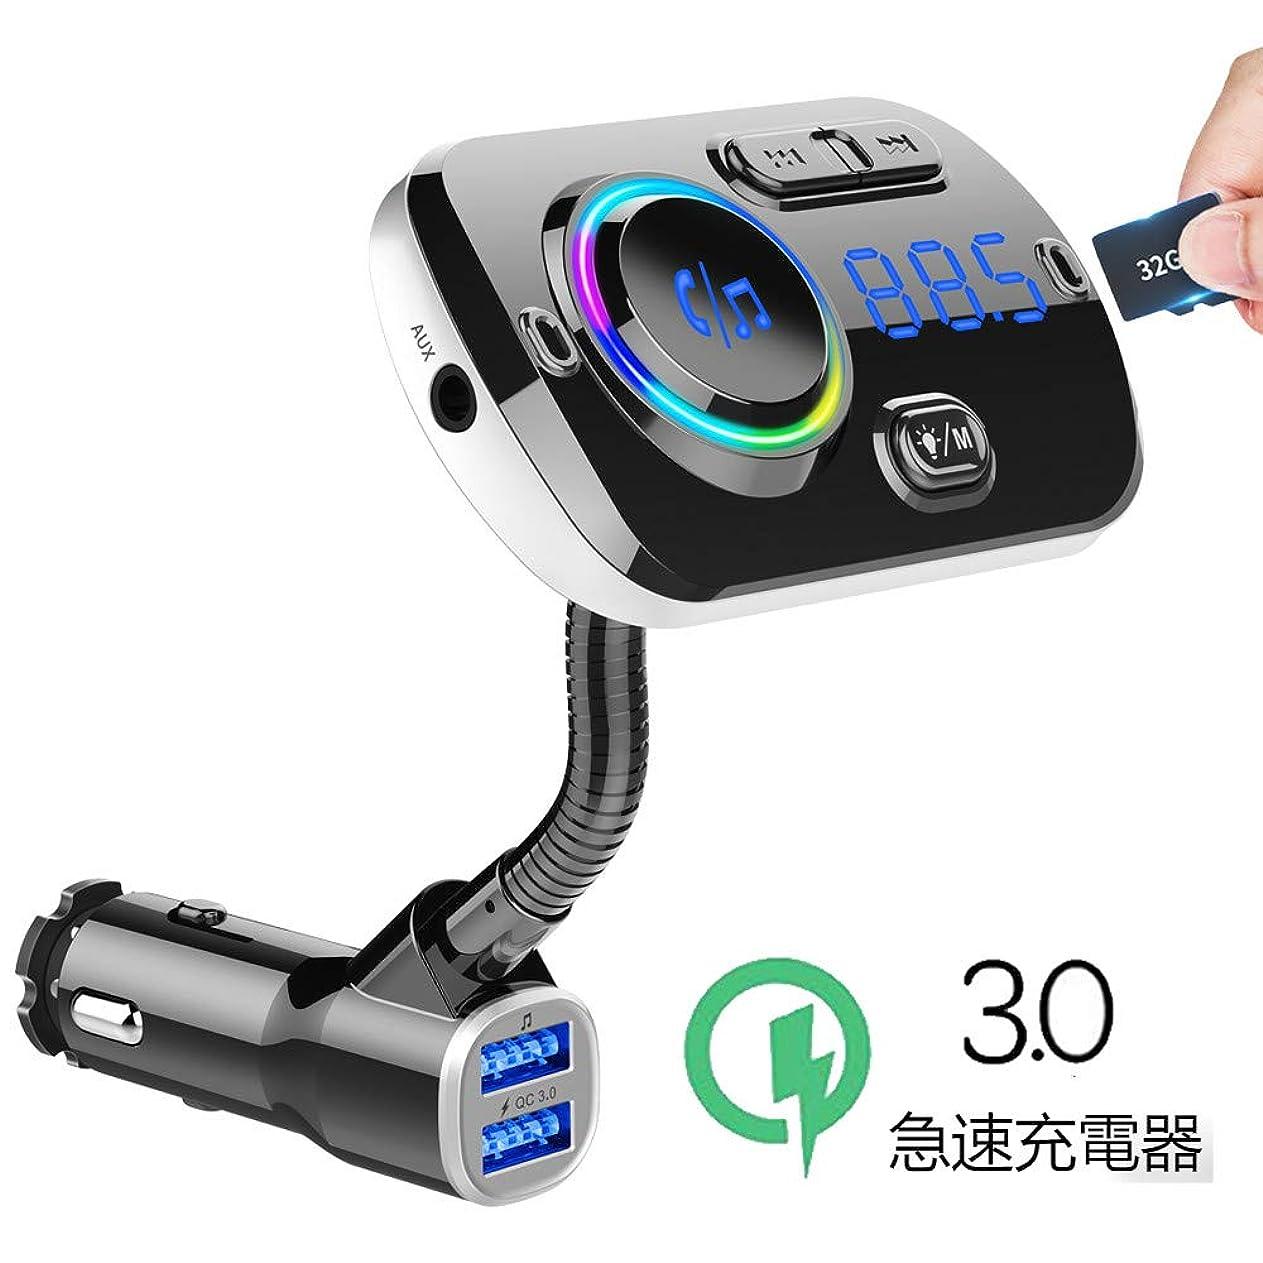 忌まわしいズームインする未知のTMINCK FMトランスミッター Bluetooth5.0 車載FMトランスミッターSiri&Google Assistantに対応 7色LEDライト Android Iphone兼用充電ケーブル QC3.0急速充電 車載充電器 2ポート ノイズ軽減機能 TFカード USBメモリ対応 12V-24V車対応 LEDディスプレイ ハンズフリー通話 バッテリー電圧チェック機能 メーカー1年保証